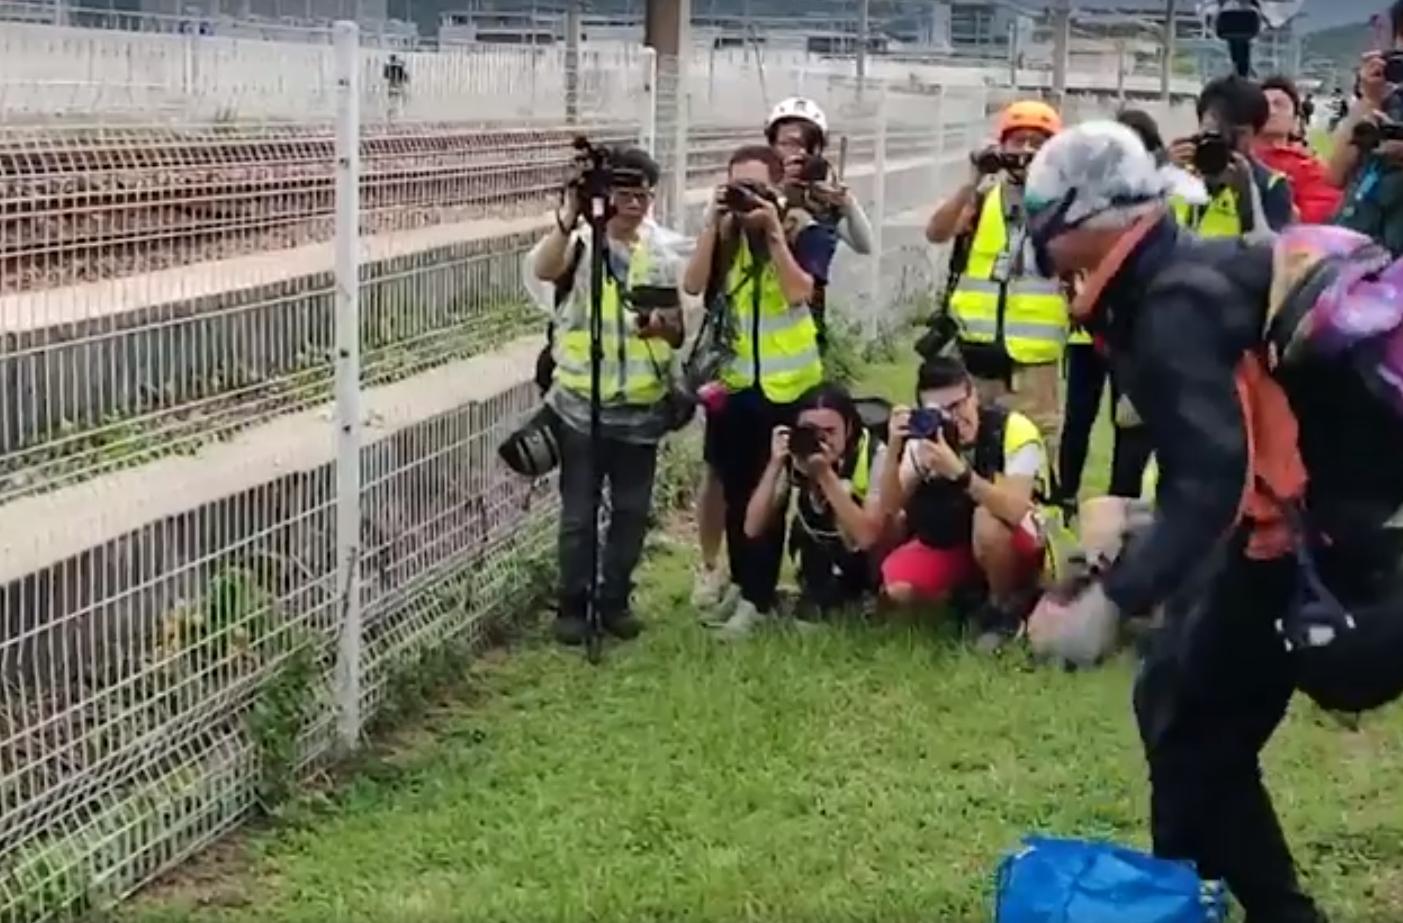 【堵塞机场】涉抛杂物落机铁路轨 3名廿岁青年被捕